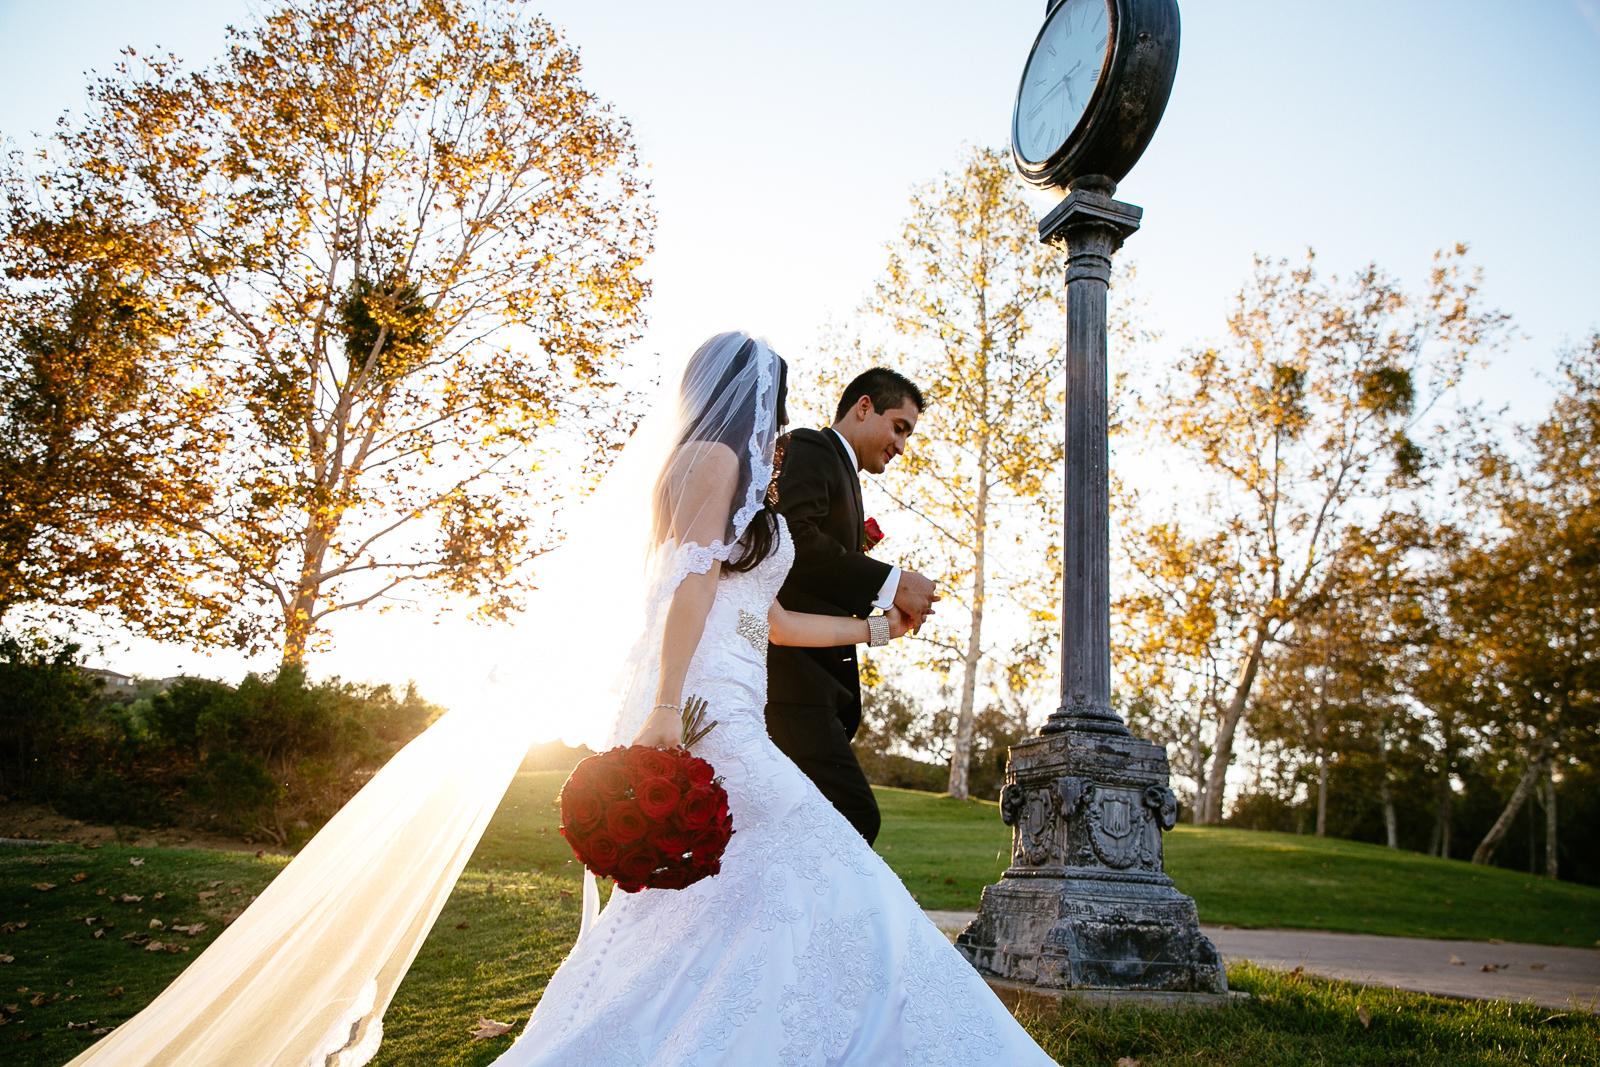 STACIE_&_JESUS_WEDDING_WEDGEWOOD_FALLBROOK_2015_2015_IMG_4796.JPG